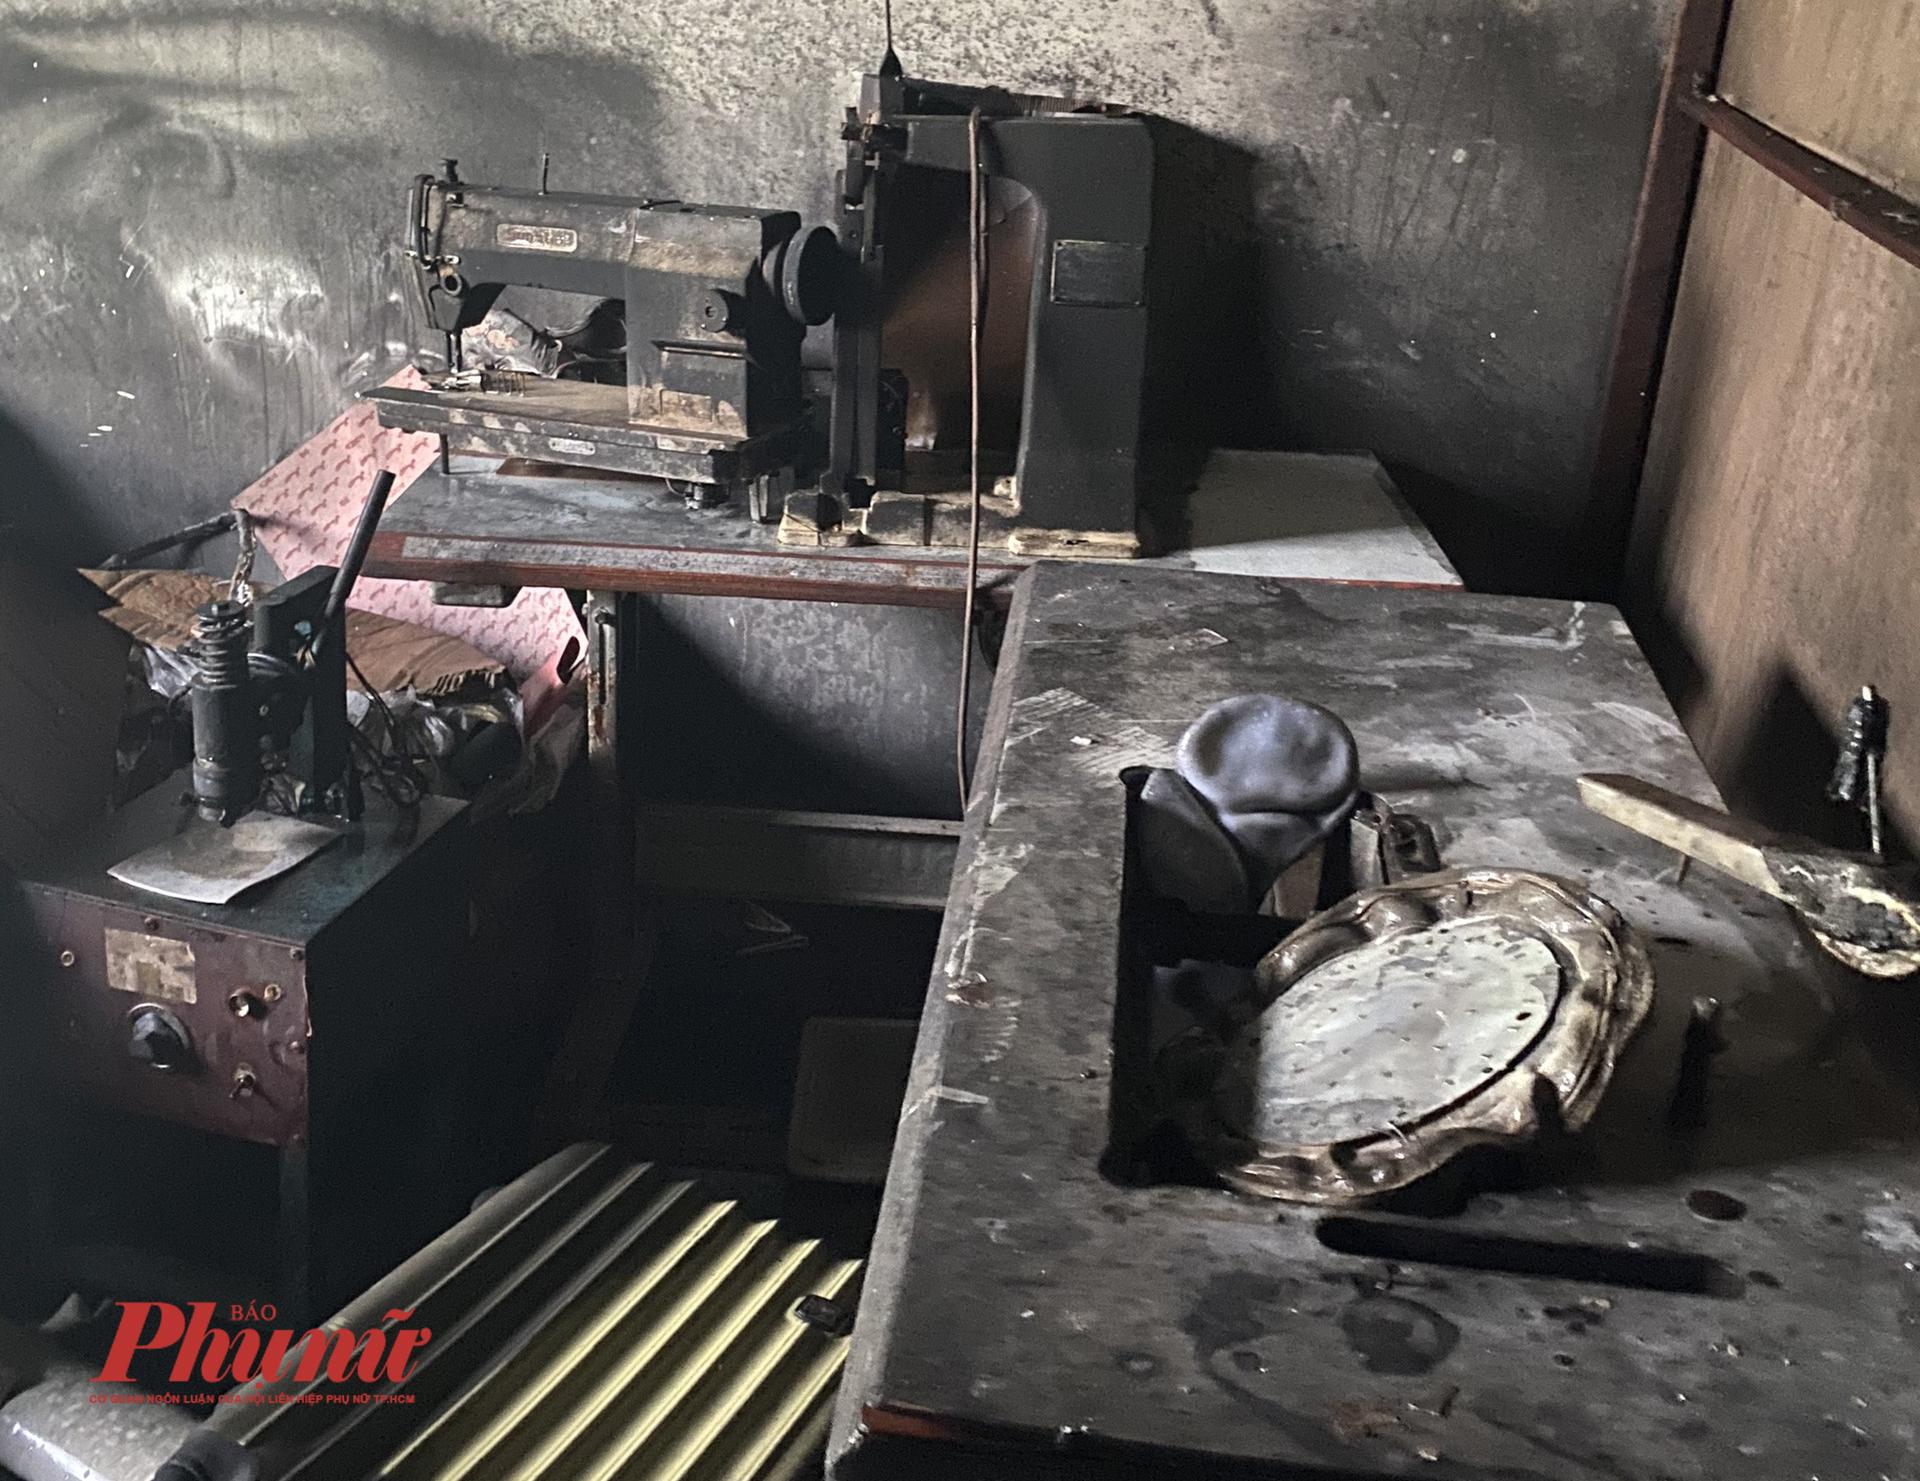 03 chiếc máy may biến dạng